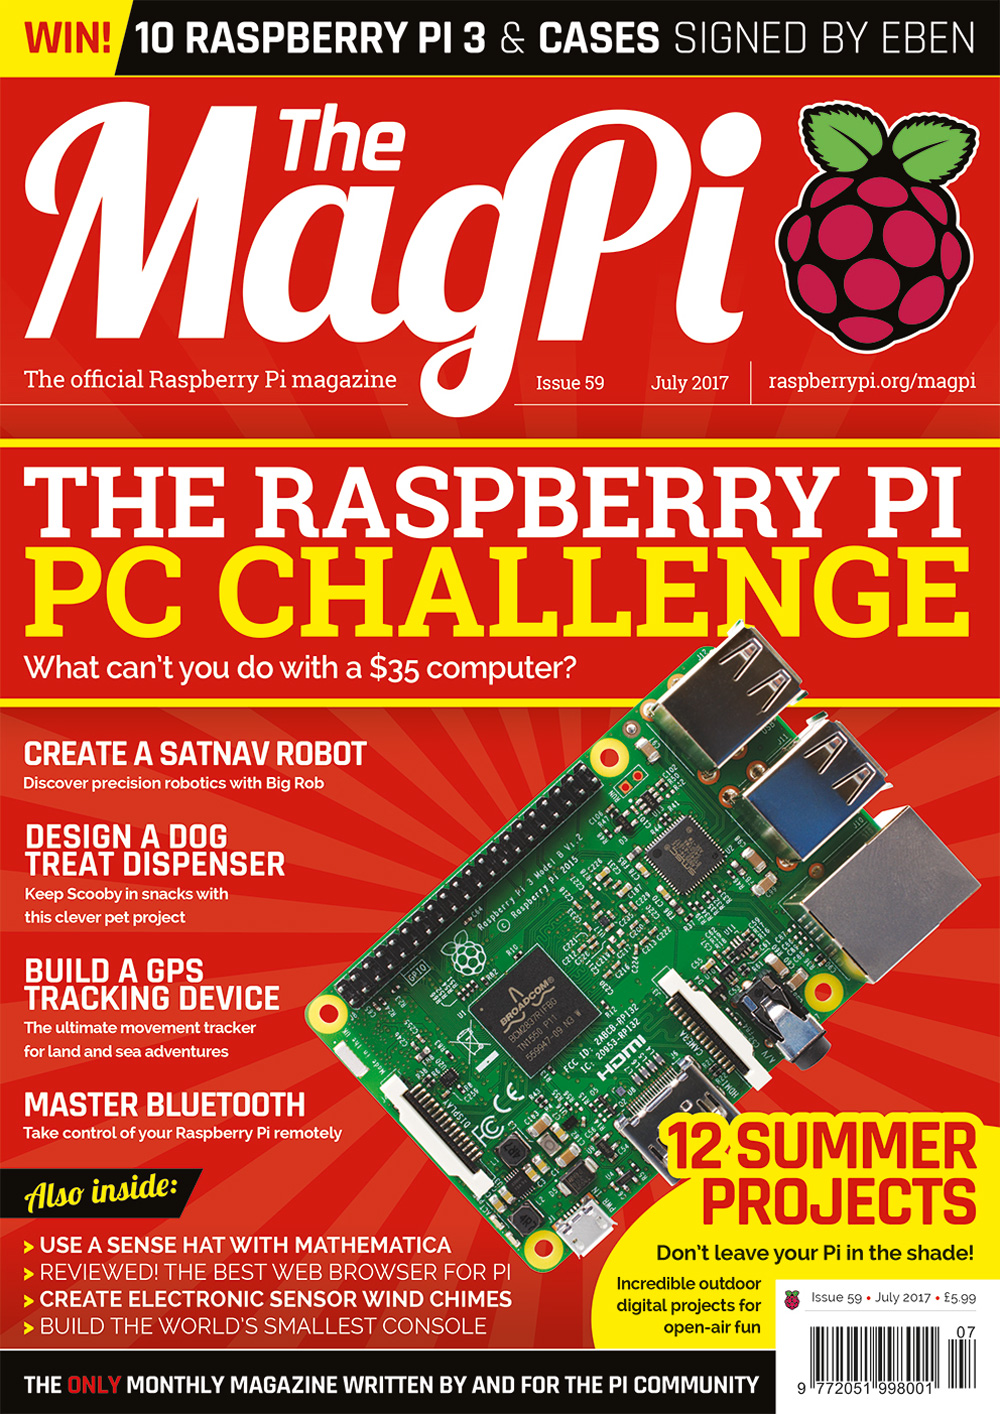 MagPi 59: the Raspberry Pi PC Challenge